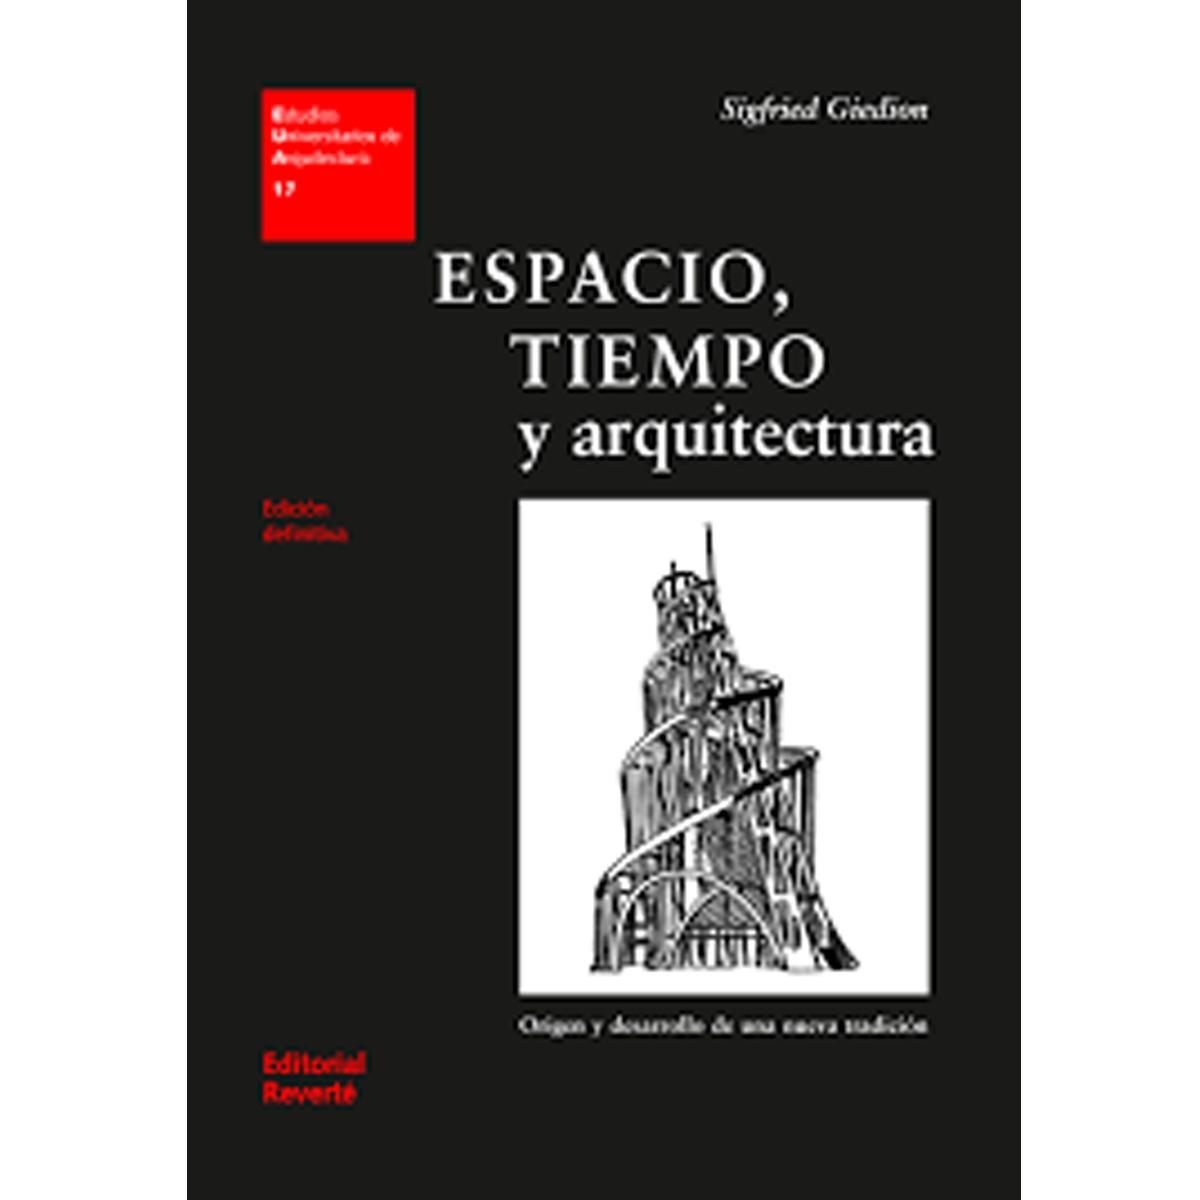 Espacio, tiempo y arquitectura